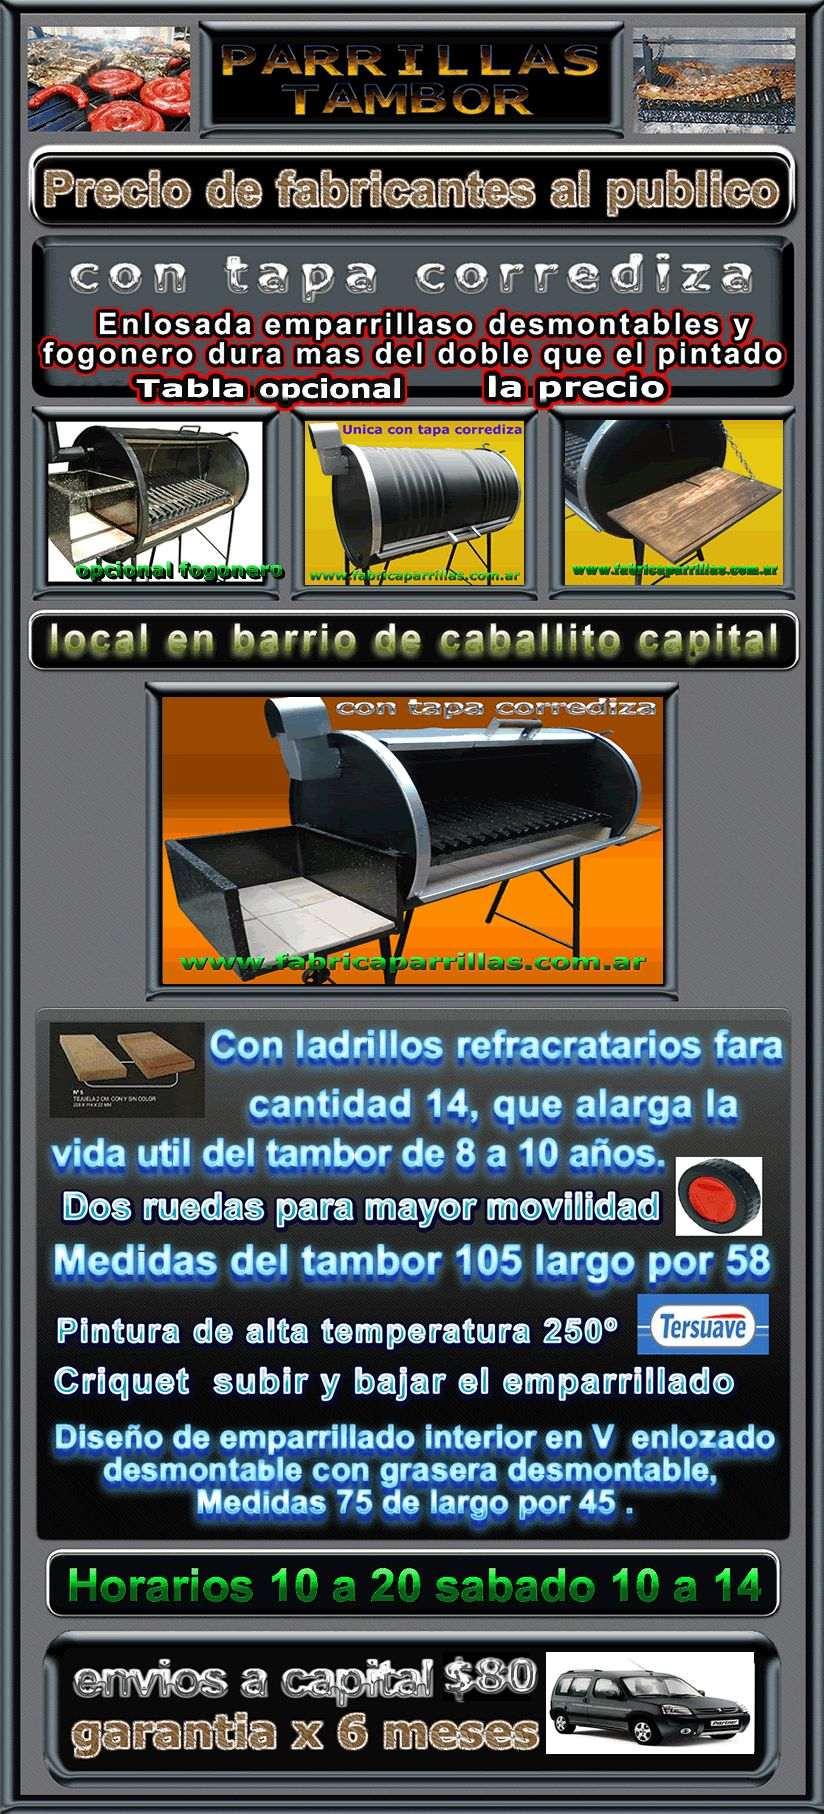 parrillas-tambor